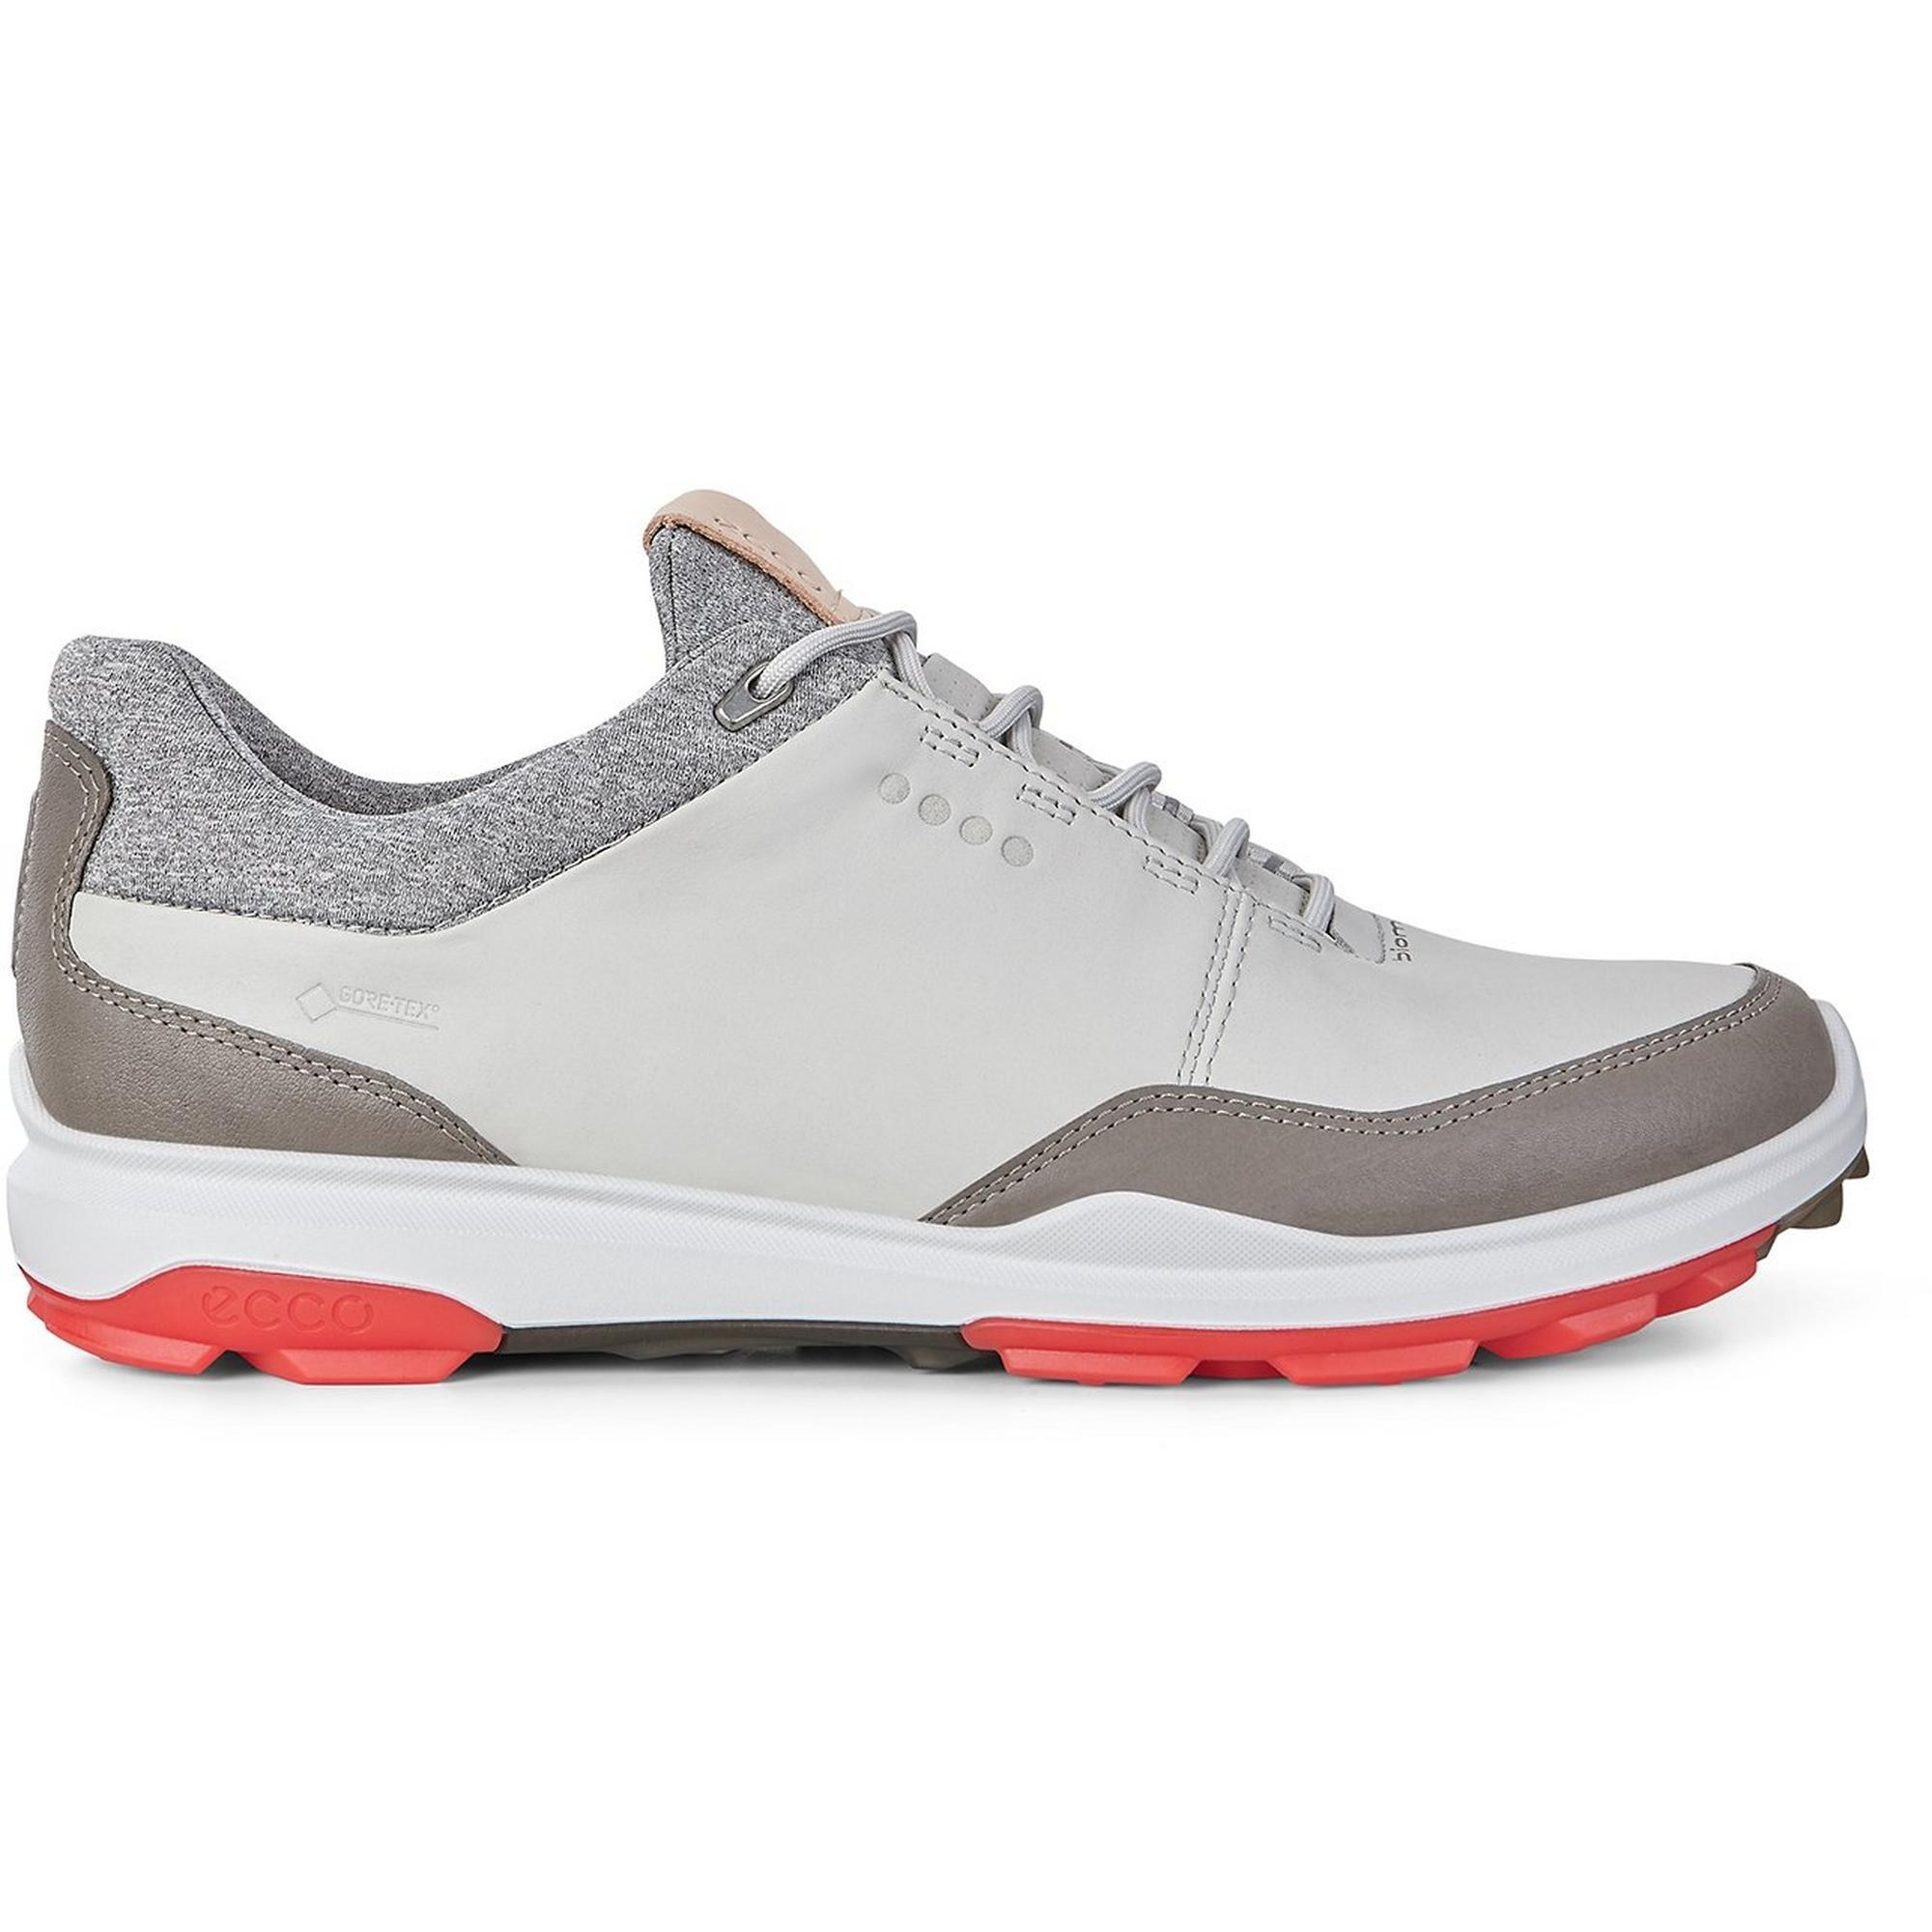 Mens Goretex Biom Hybird 3 Spikeless Golf Shoe - GRY/RED